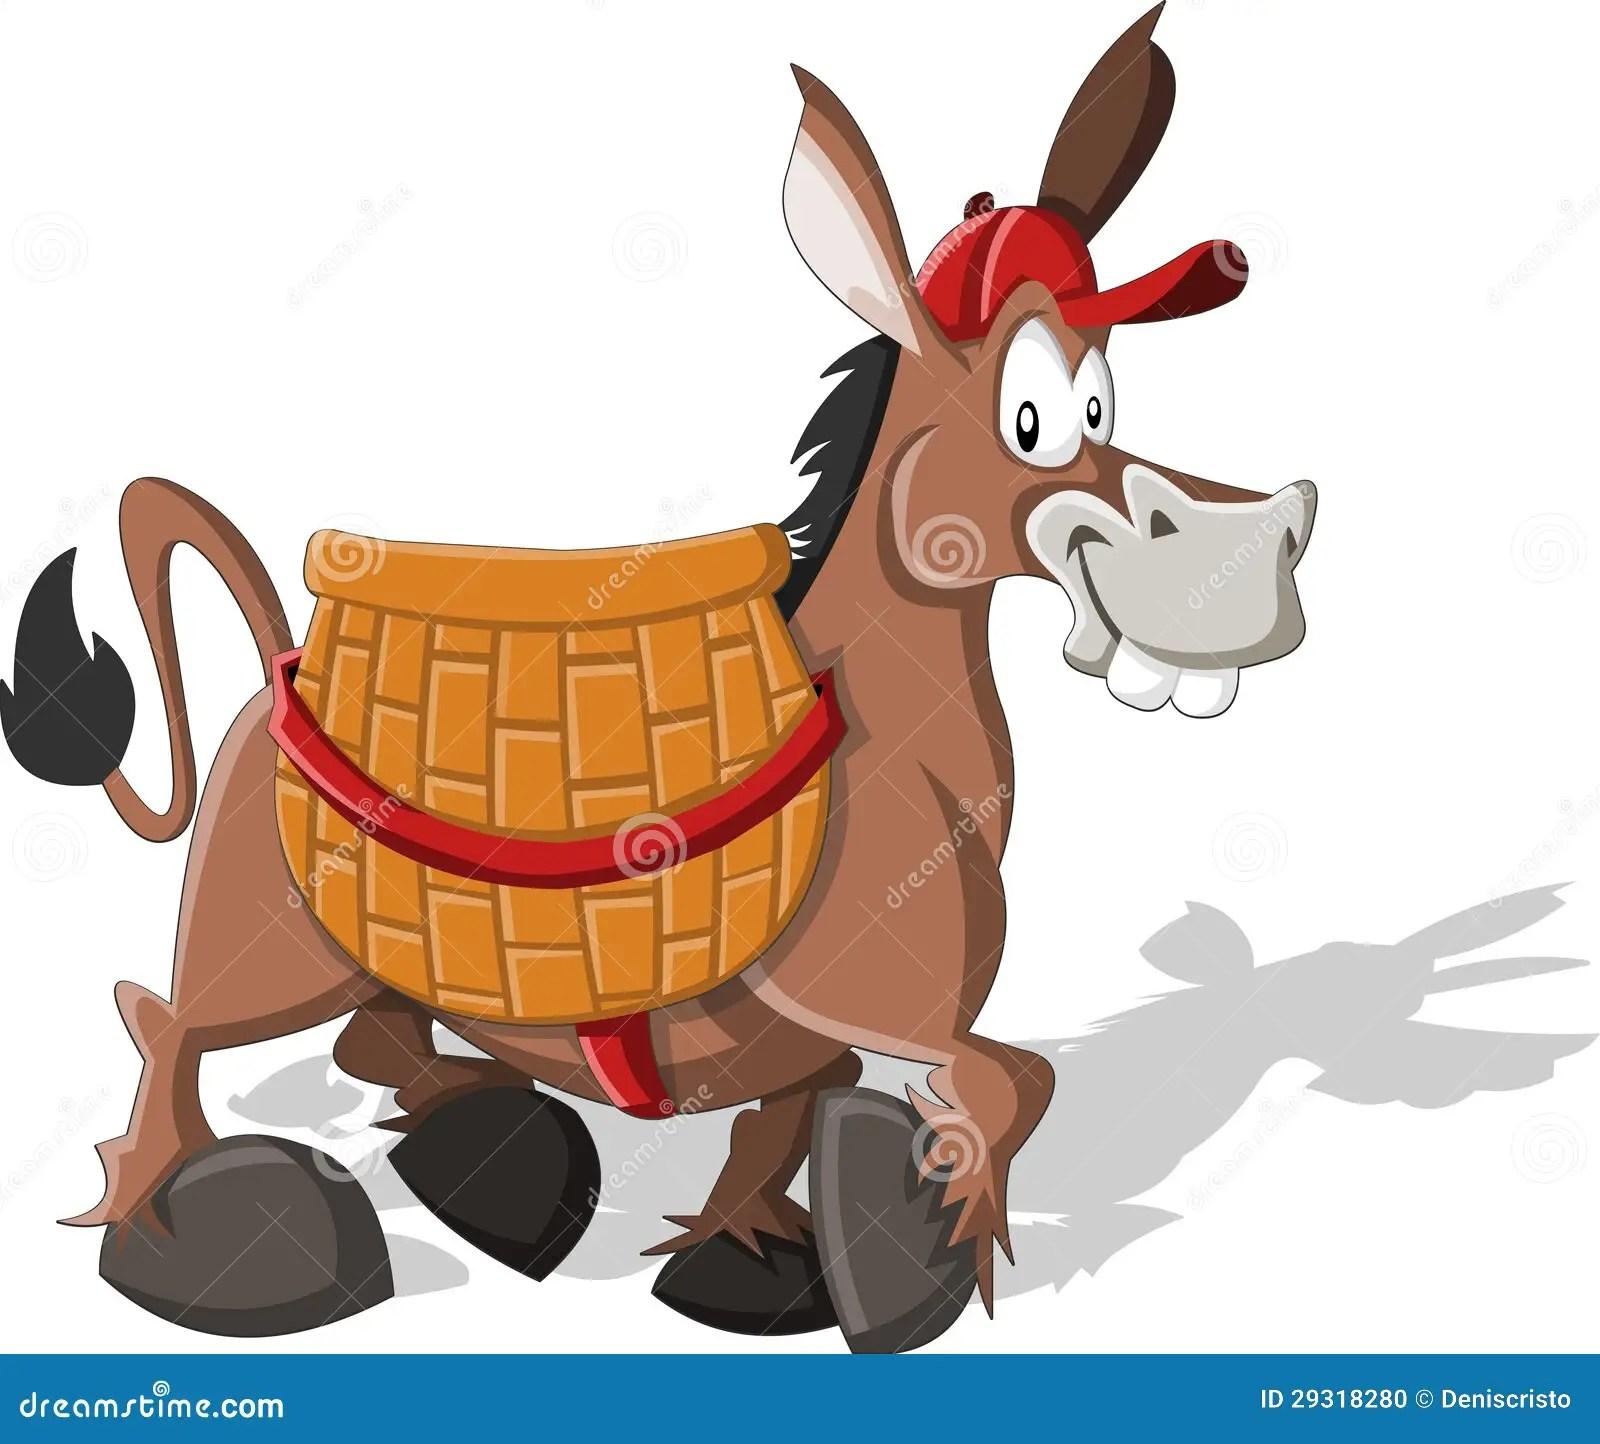 Cartoon Donkey Behind Fence Cartoon Vector